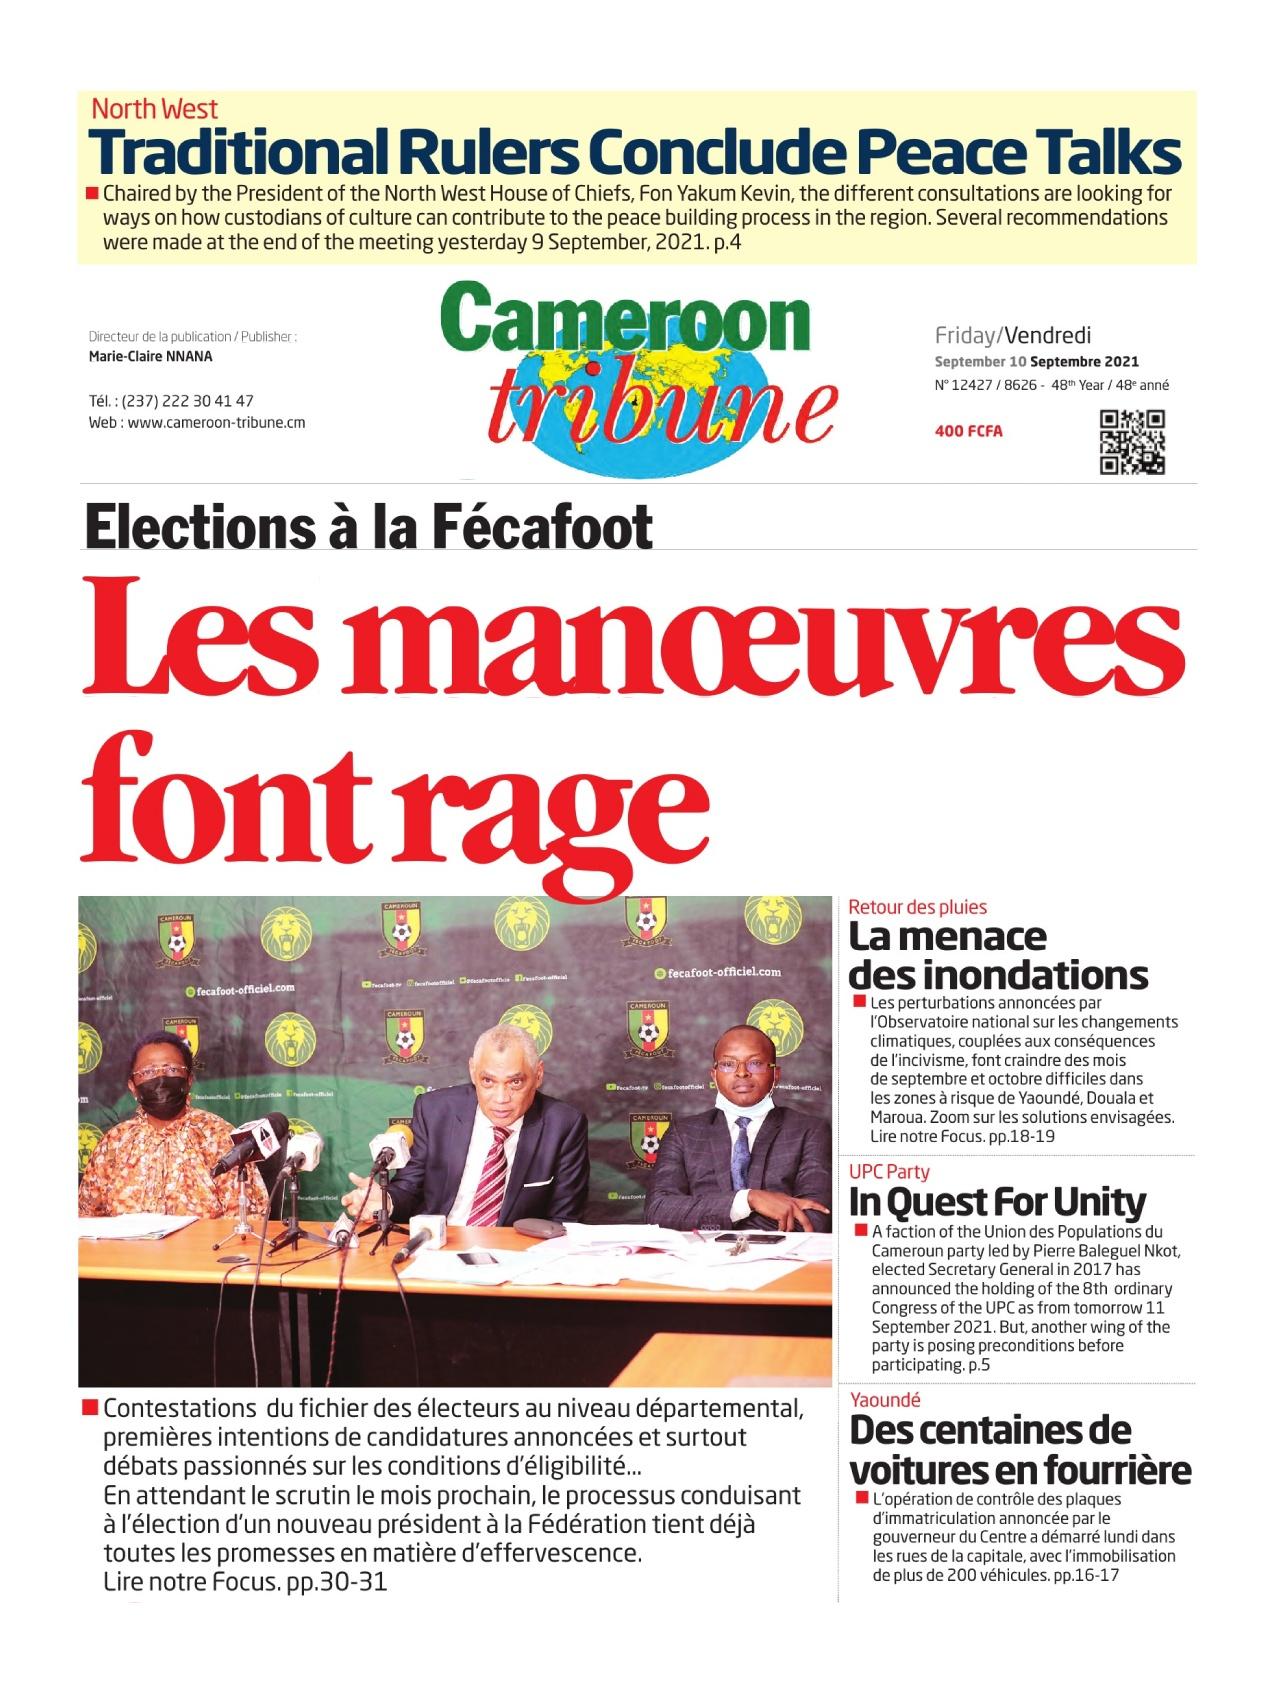 Cameroon Tribune - 10/09/2021